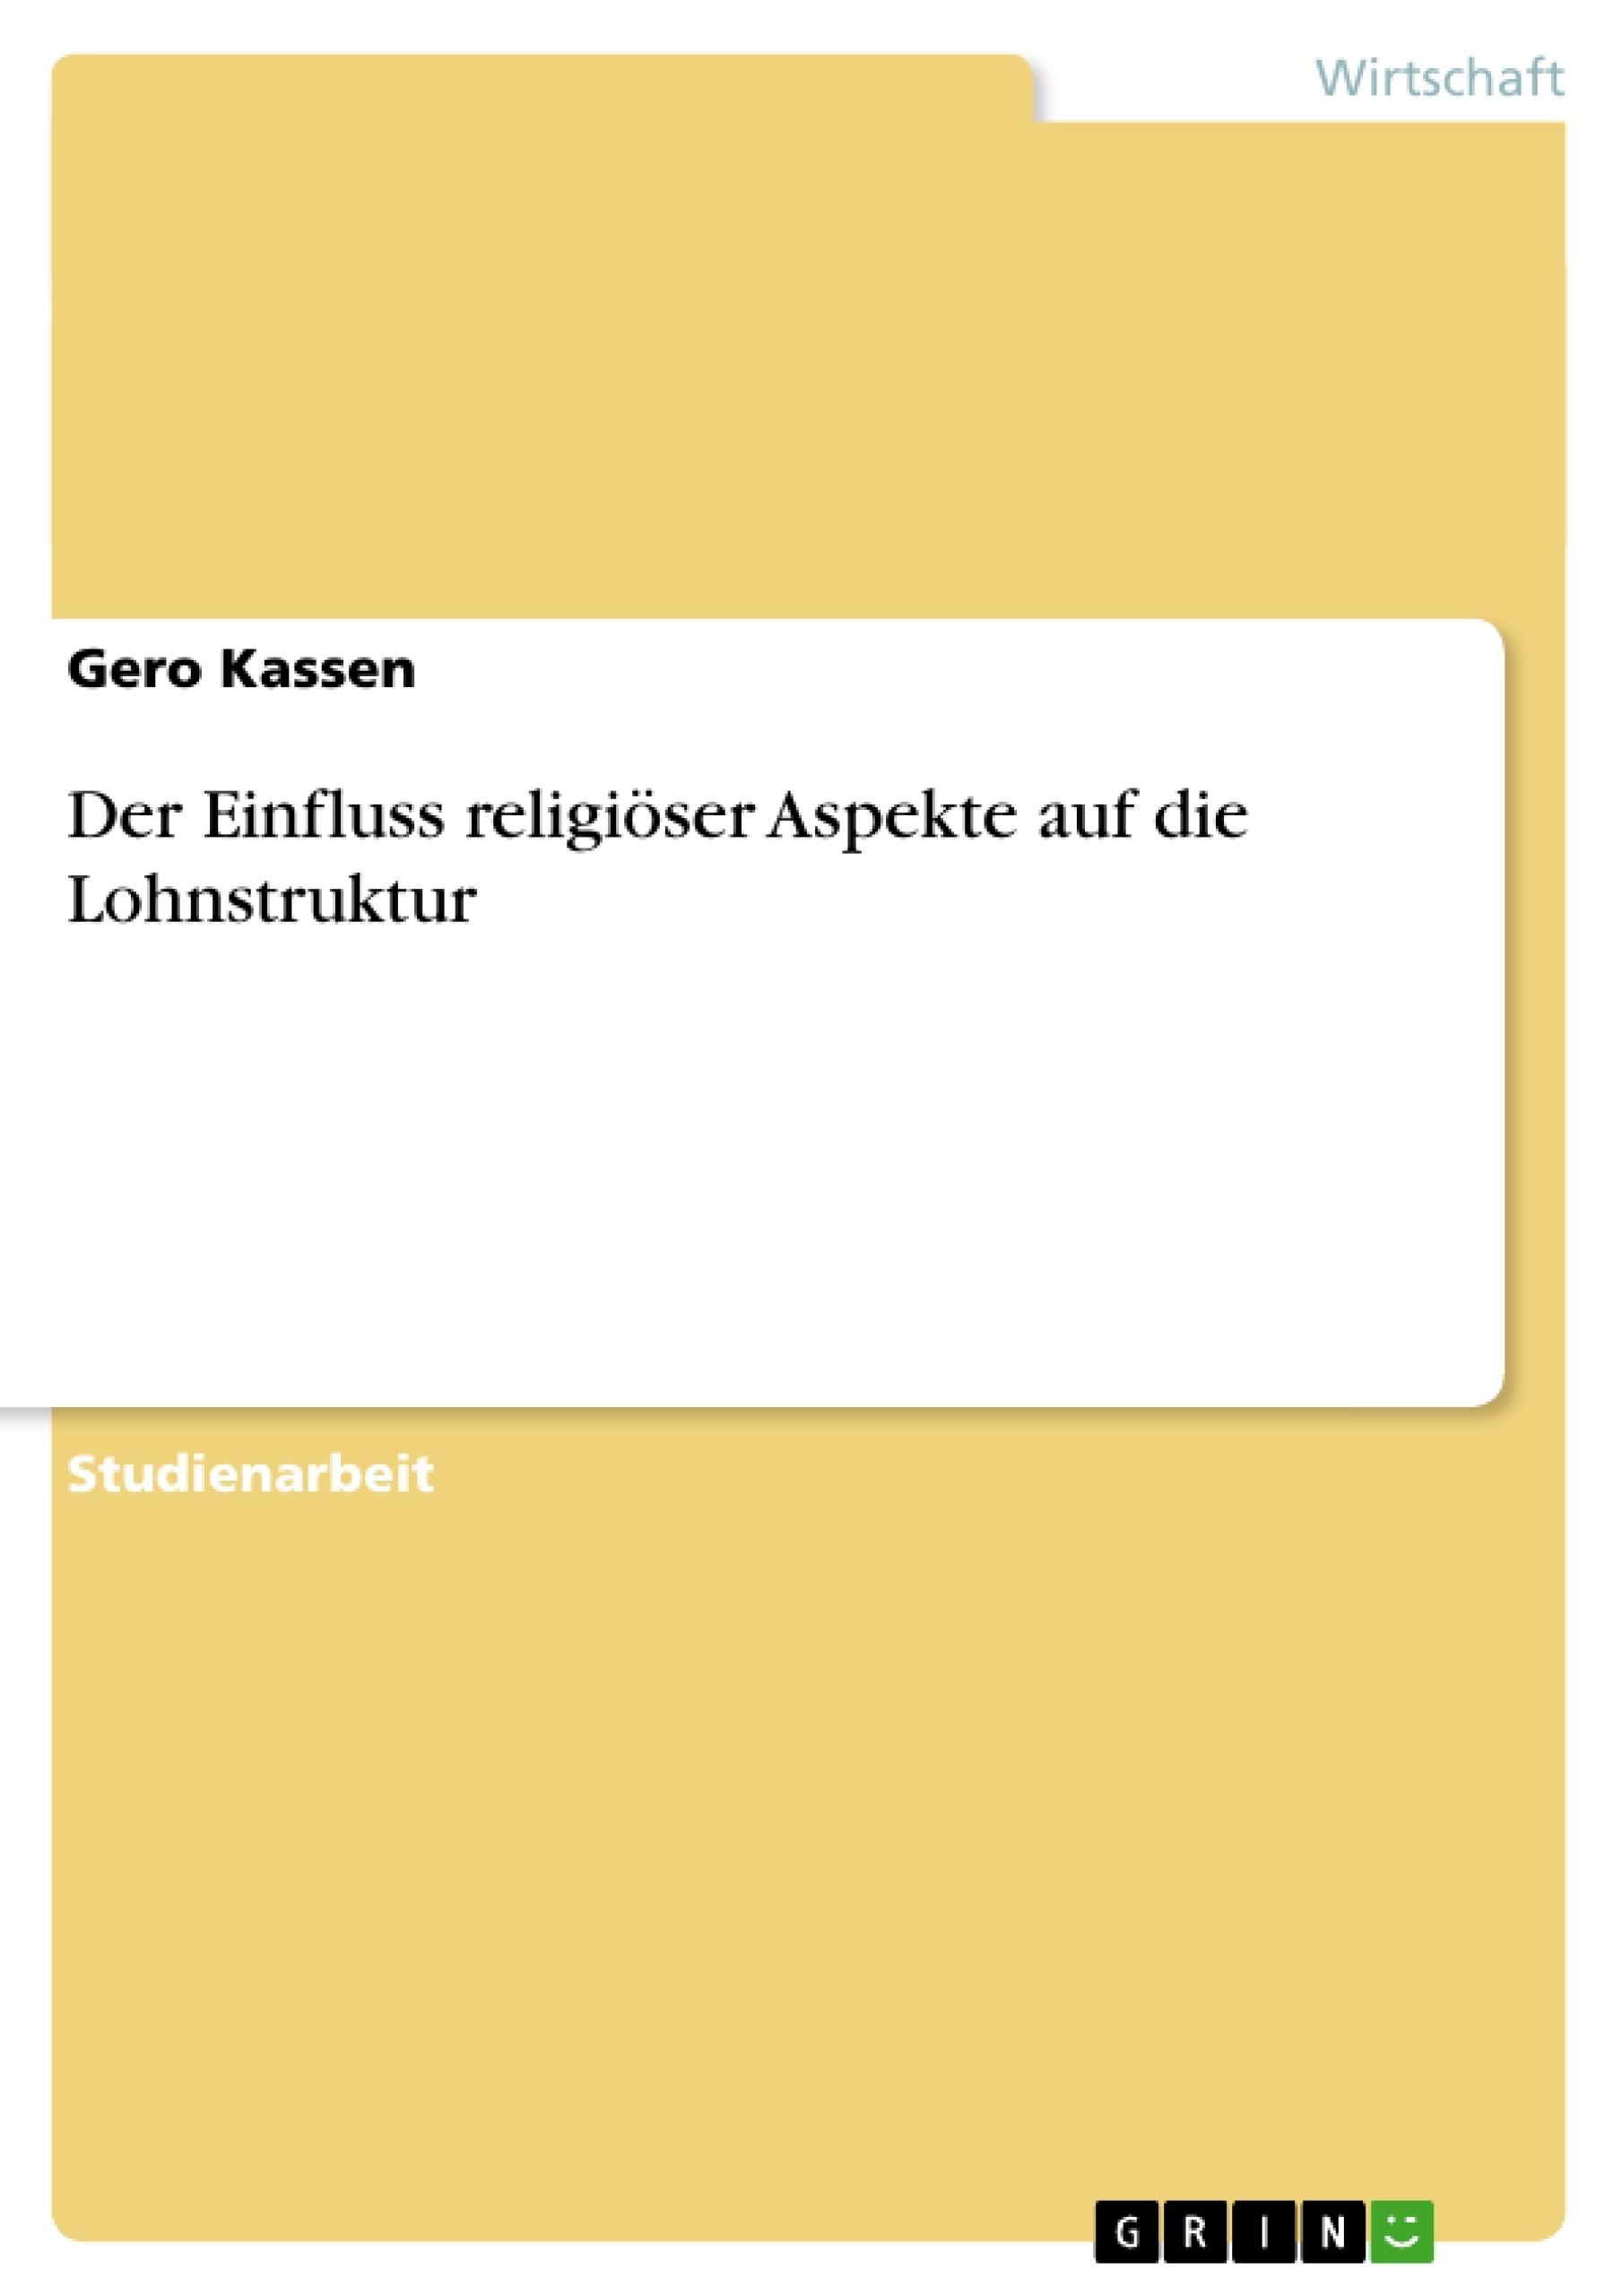 Titel: Der Einfluss religiöser Aspekte auf die Lohnstruktur